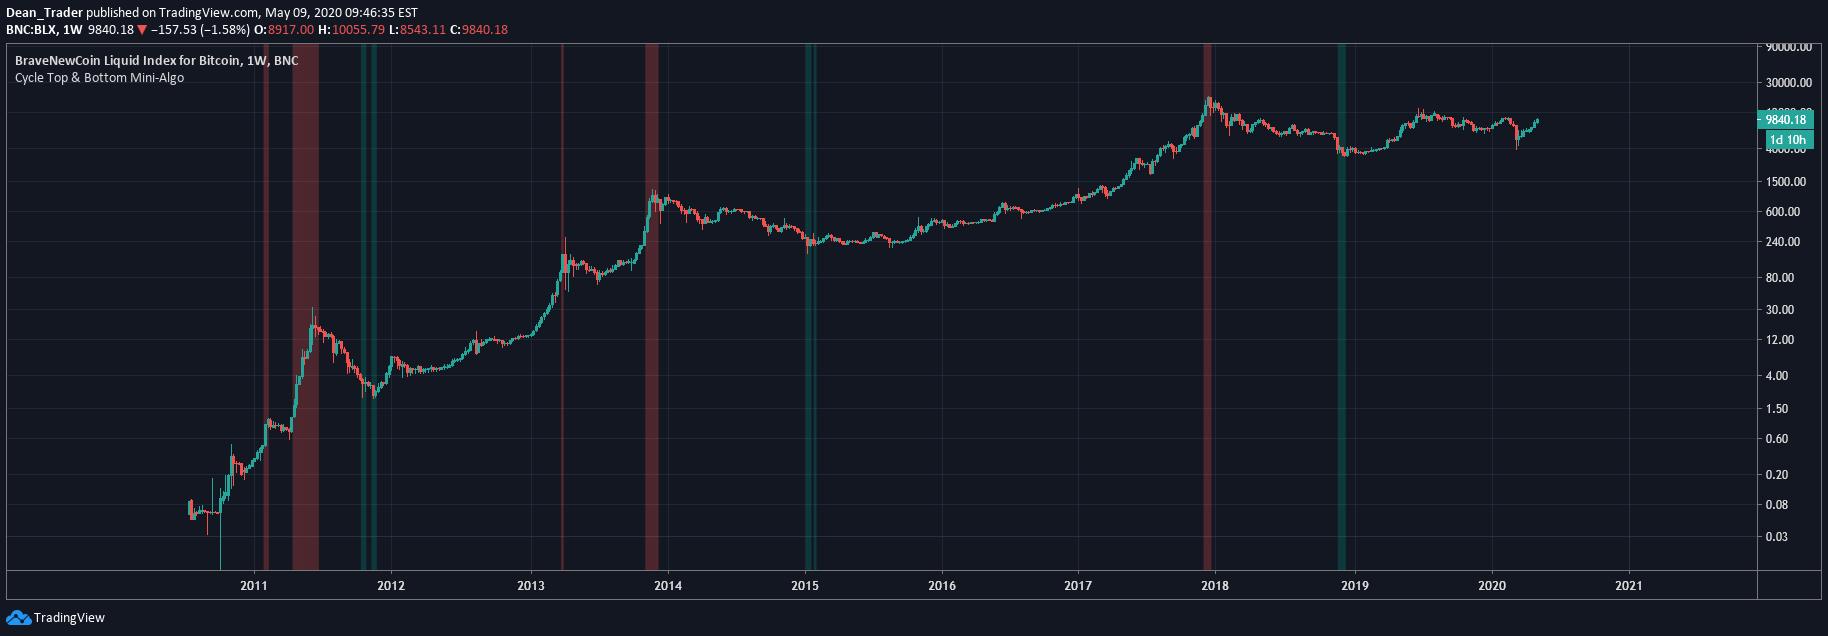 Túladott a bitcoin, már a Bloomberg indikátora is azt jelzi